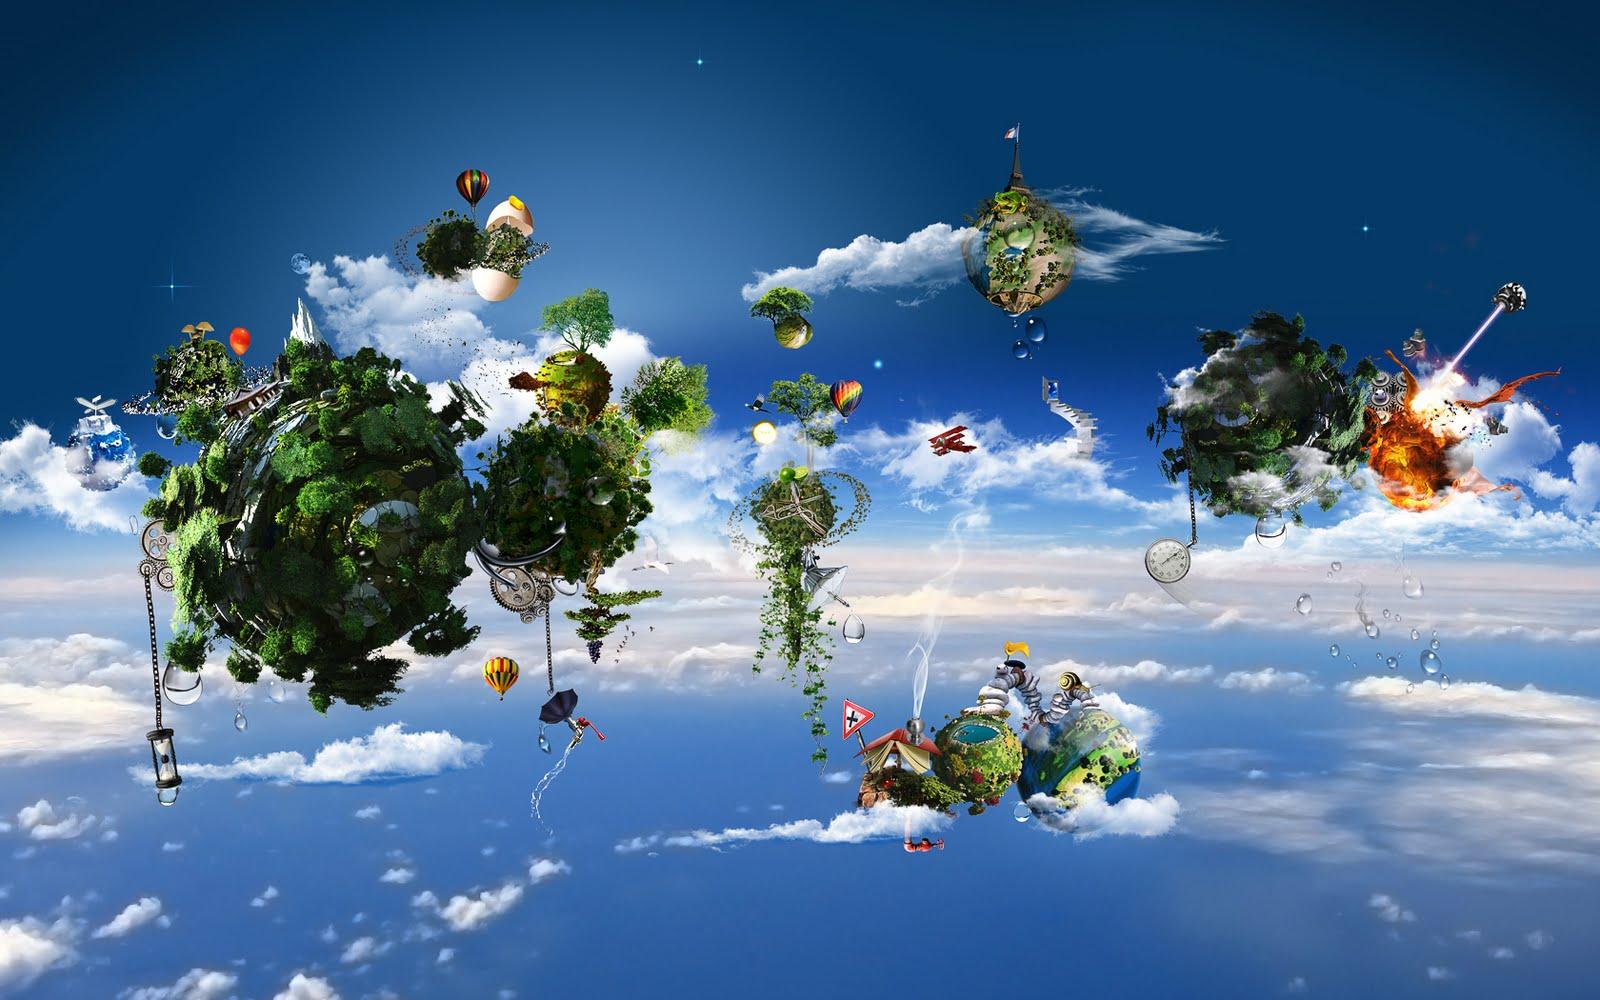 http://2.bp.blogspot.com/-eSYeP7raFv0/TgxvCY4mlpI/AAAAAAAAAwg/YDhOJiG3-W8/s1600/ecosystem-abstract-wallpaper-design.jpg